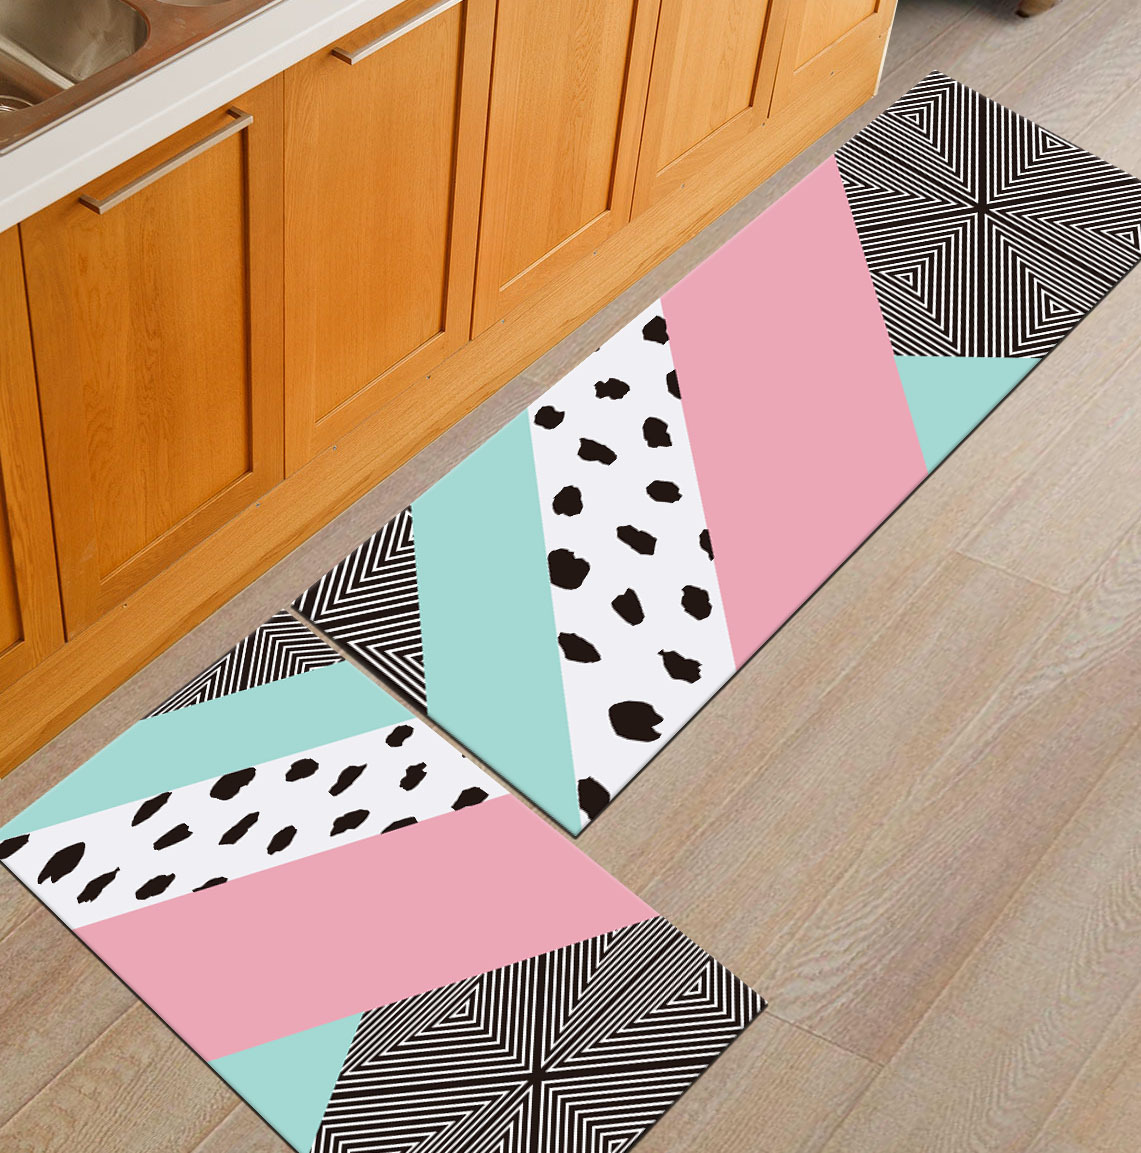 Современный геометрический Коврик для кухни, Противоскользящий коврик для ванной комнаты, домашний Коврик для прихожей/прихожей, коврик для шкафа/балкона, креативный ковер - Цвет: 1